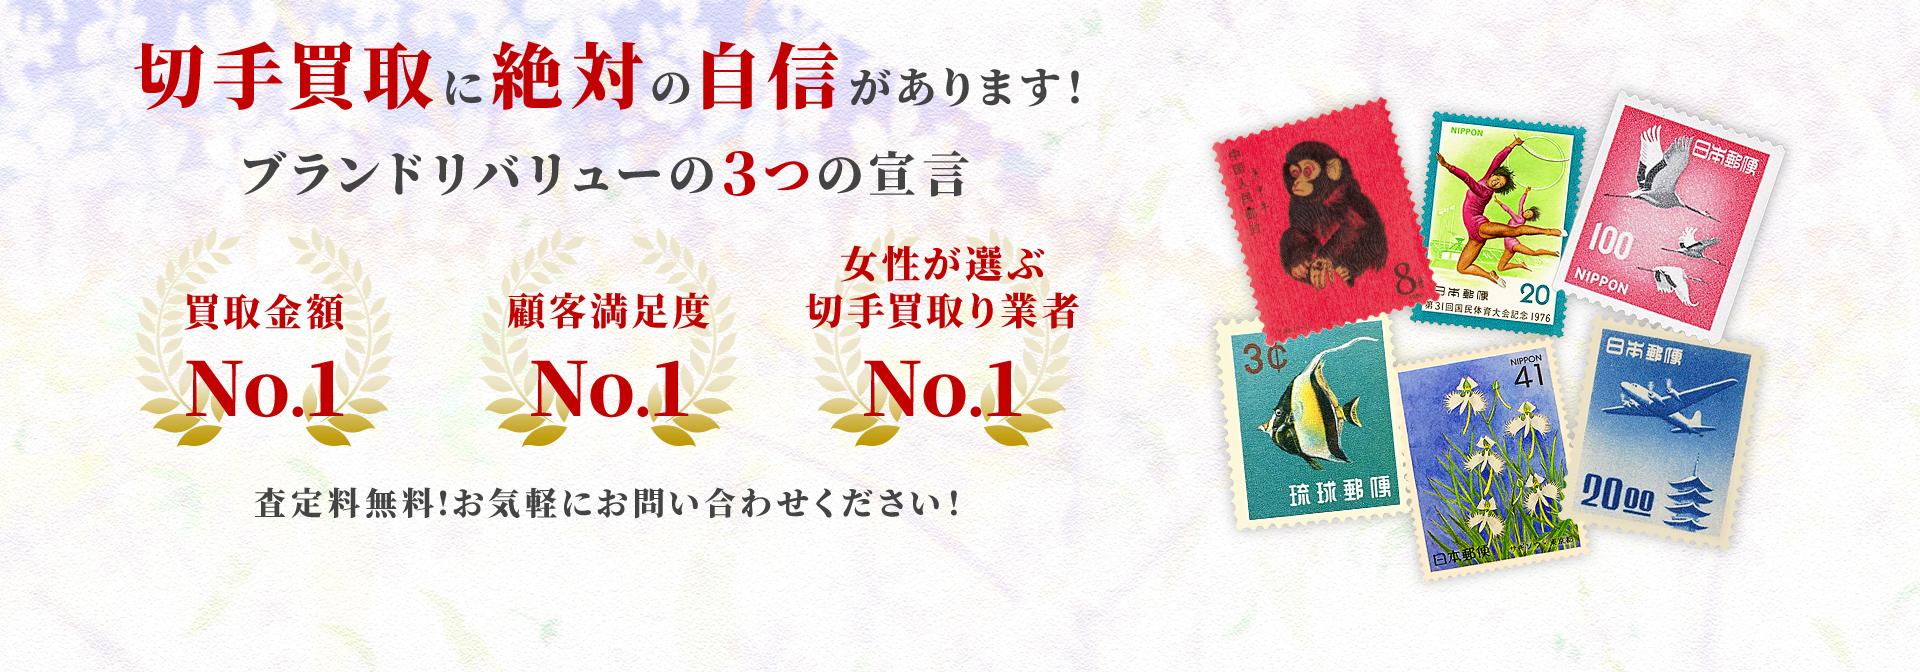 切手買取に絶対の自信があります!ブランドリバリューの3つの宣言買取金額ナンバーワン、顧客満足度ナンバーワン、女性が選ぶ切手買取業者ナンバーワン